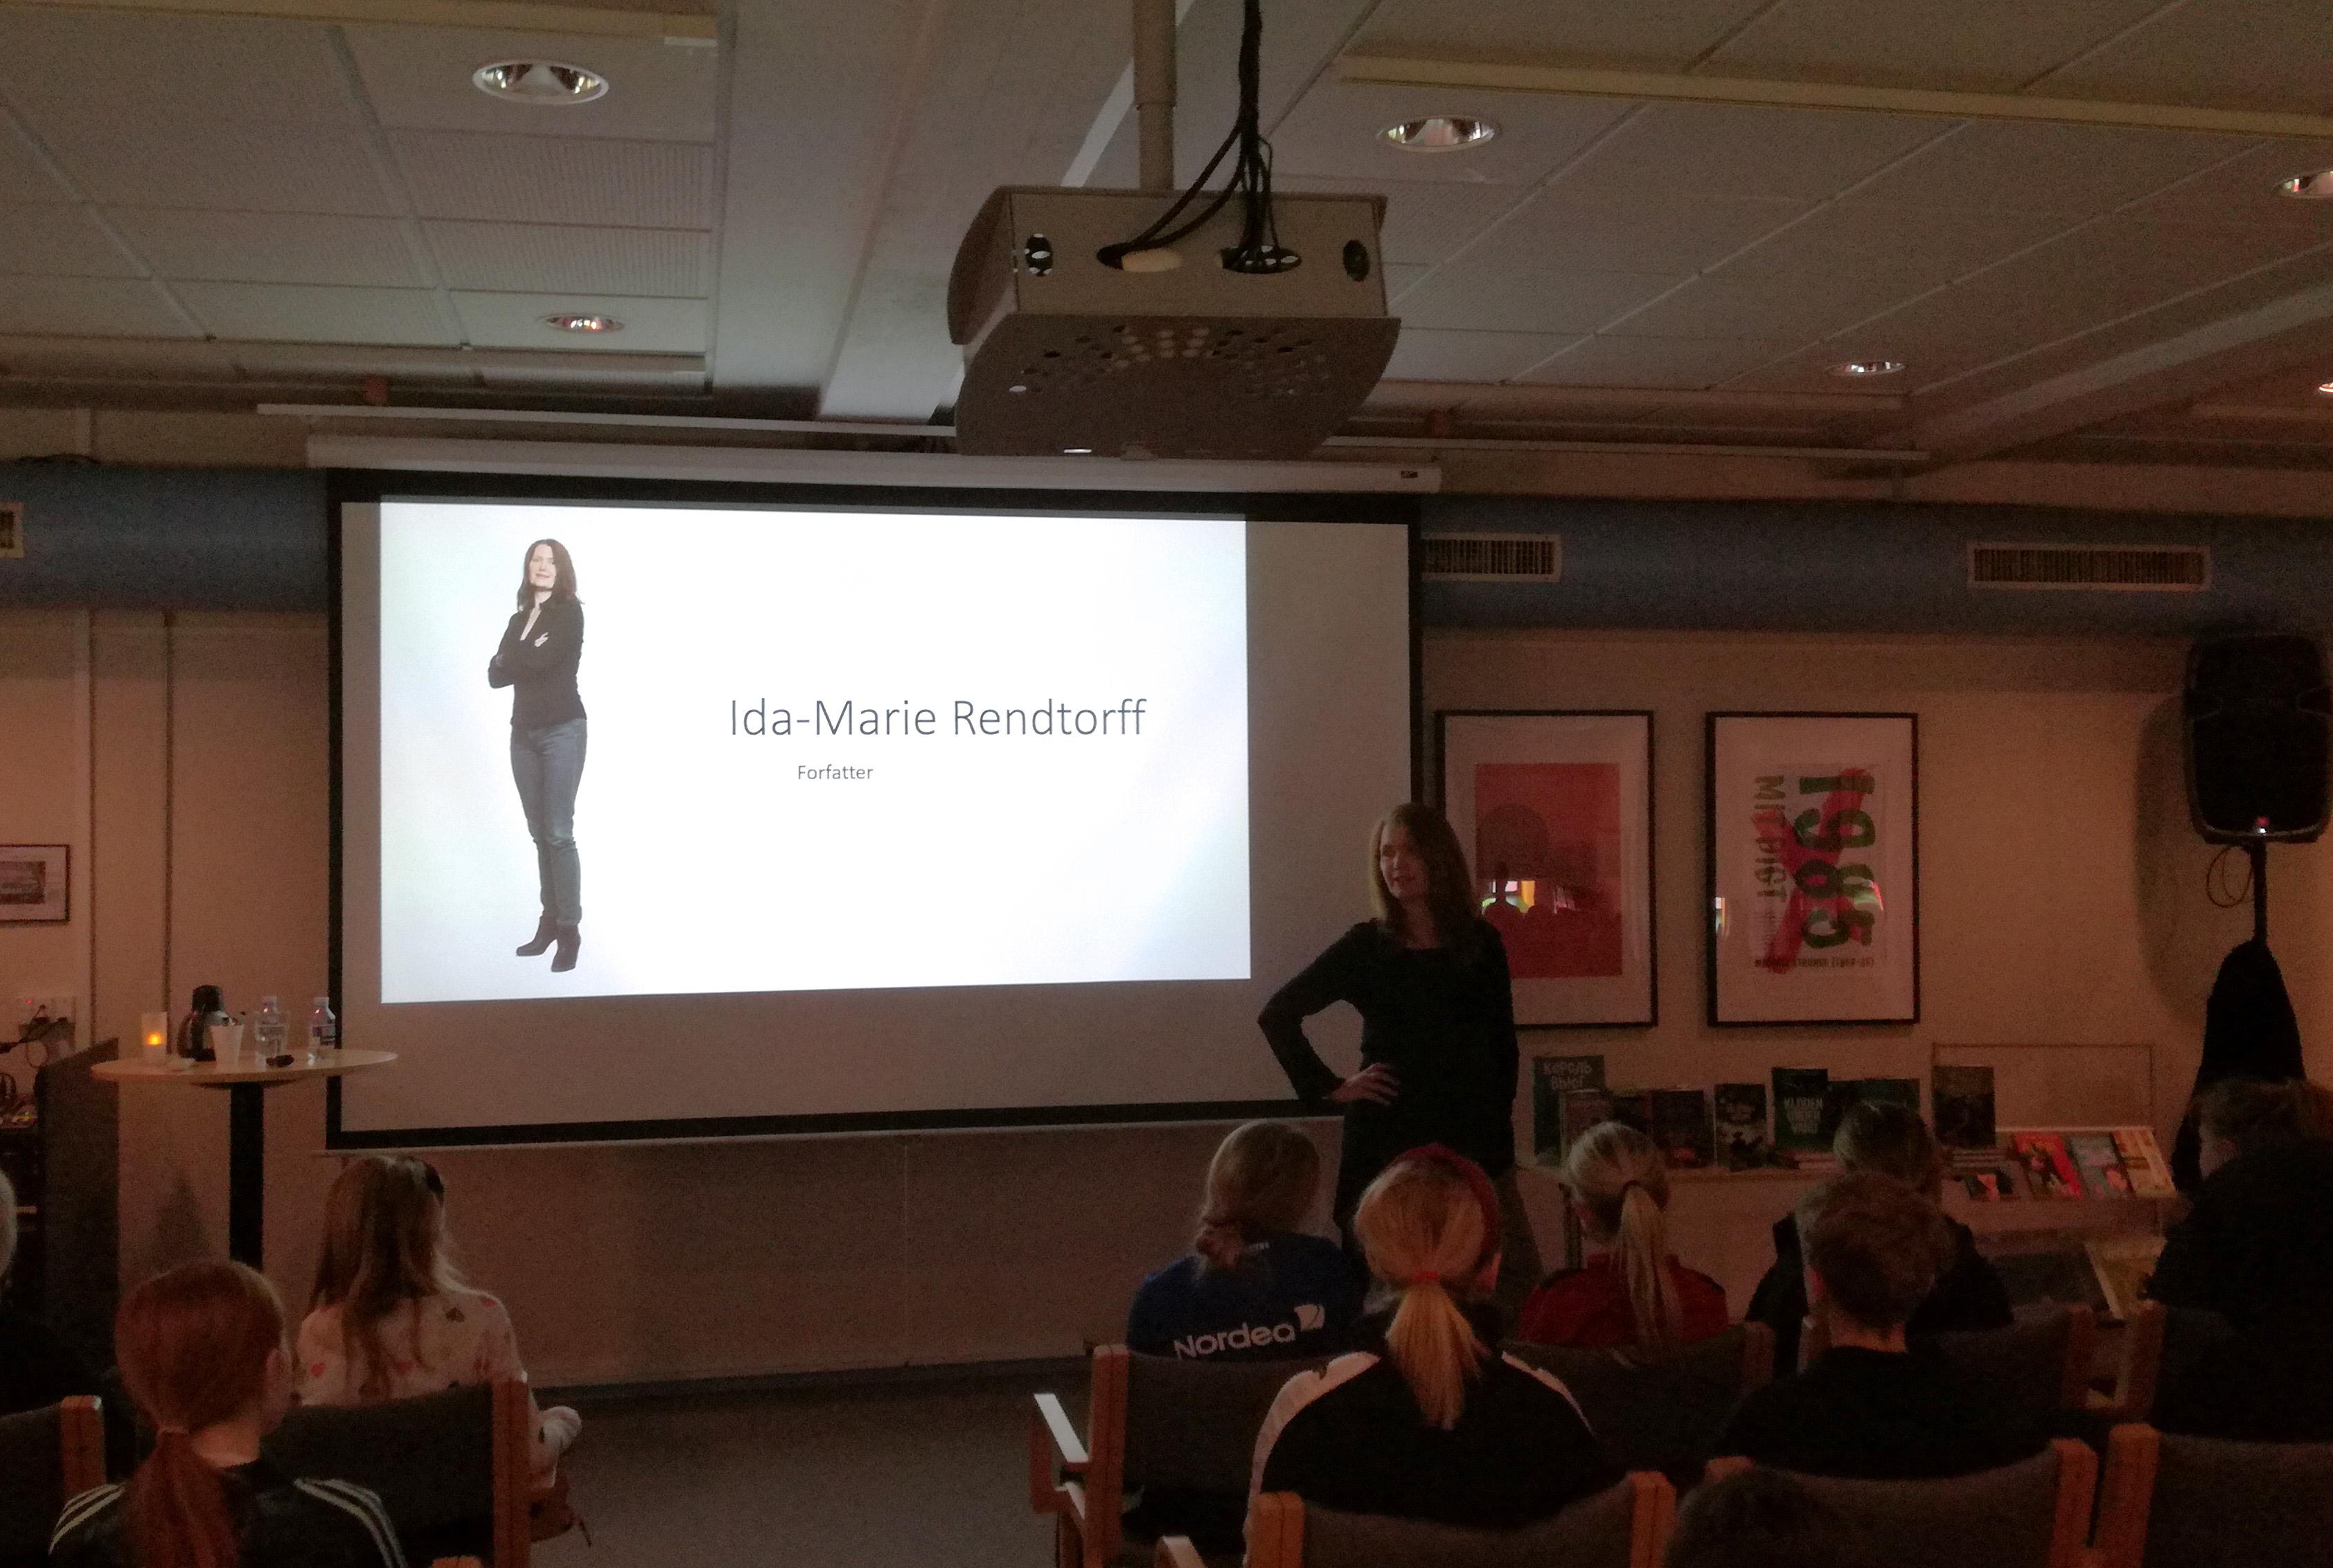 Billede af foredraget med Ida-Marie Rendtorff